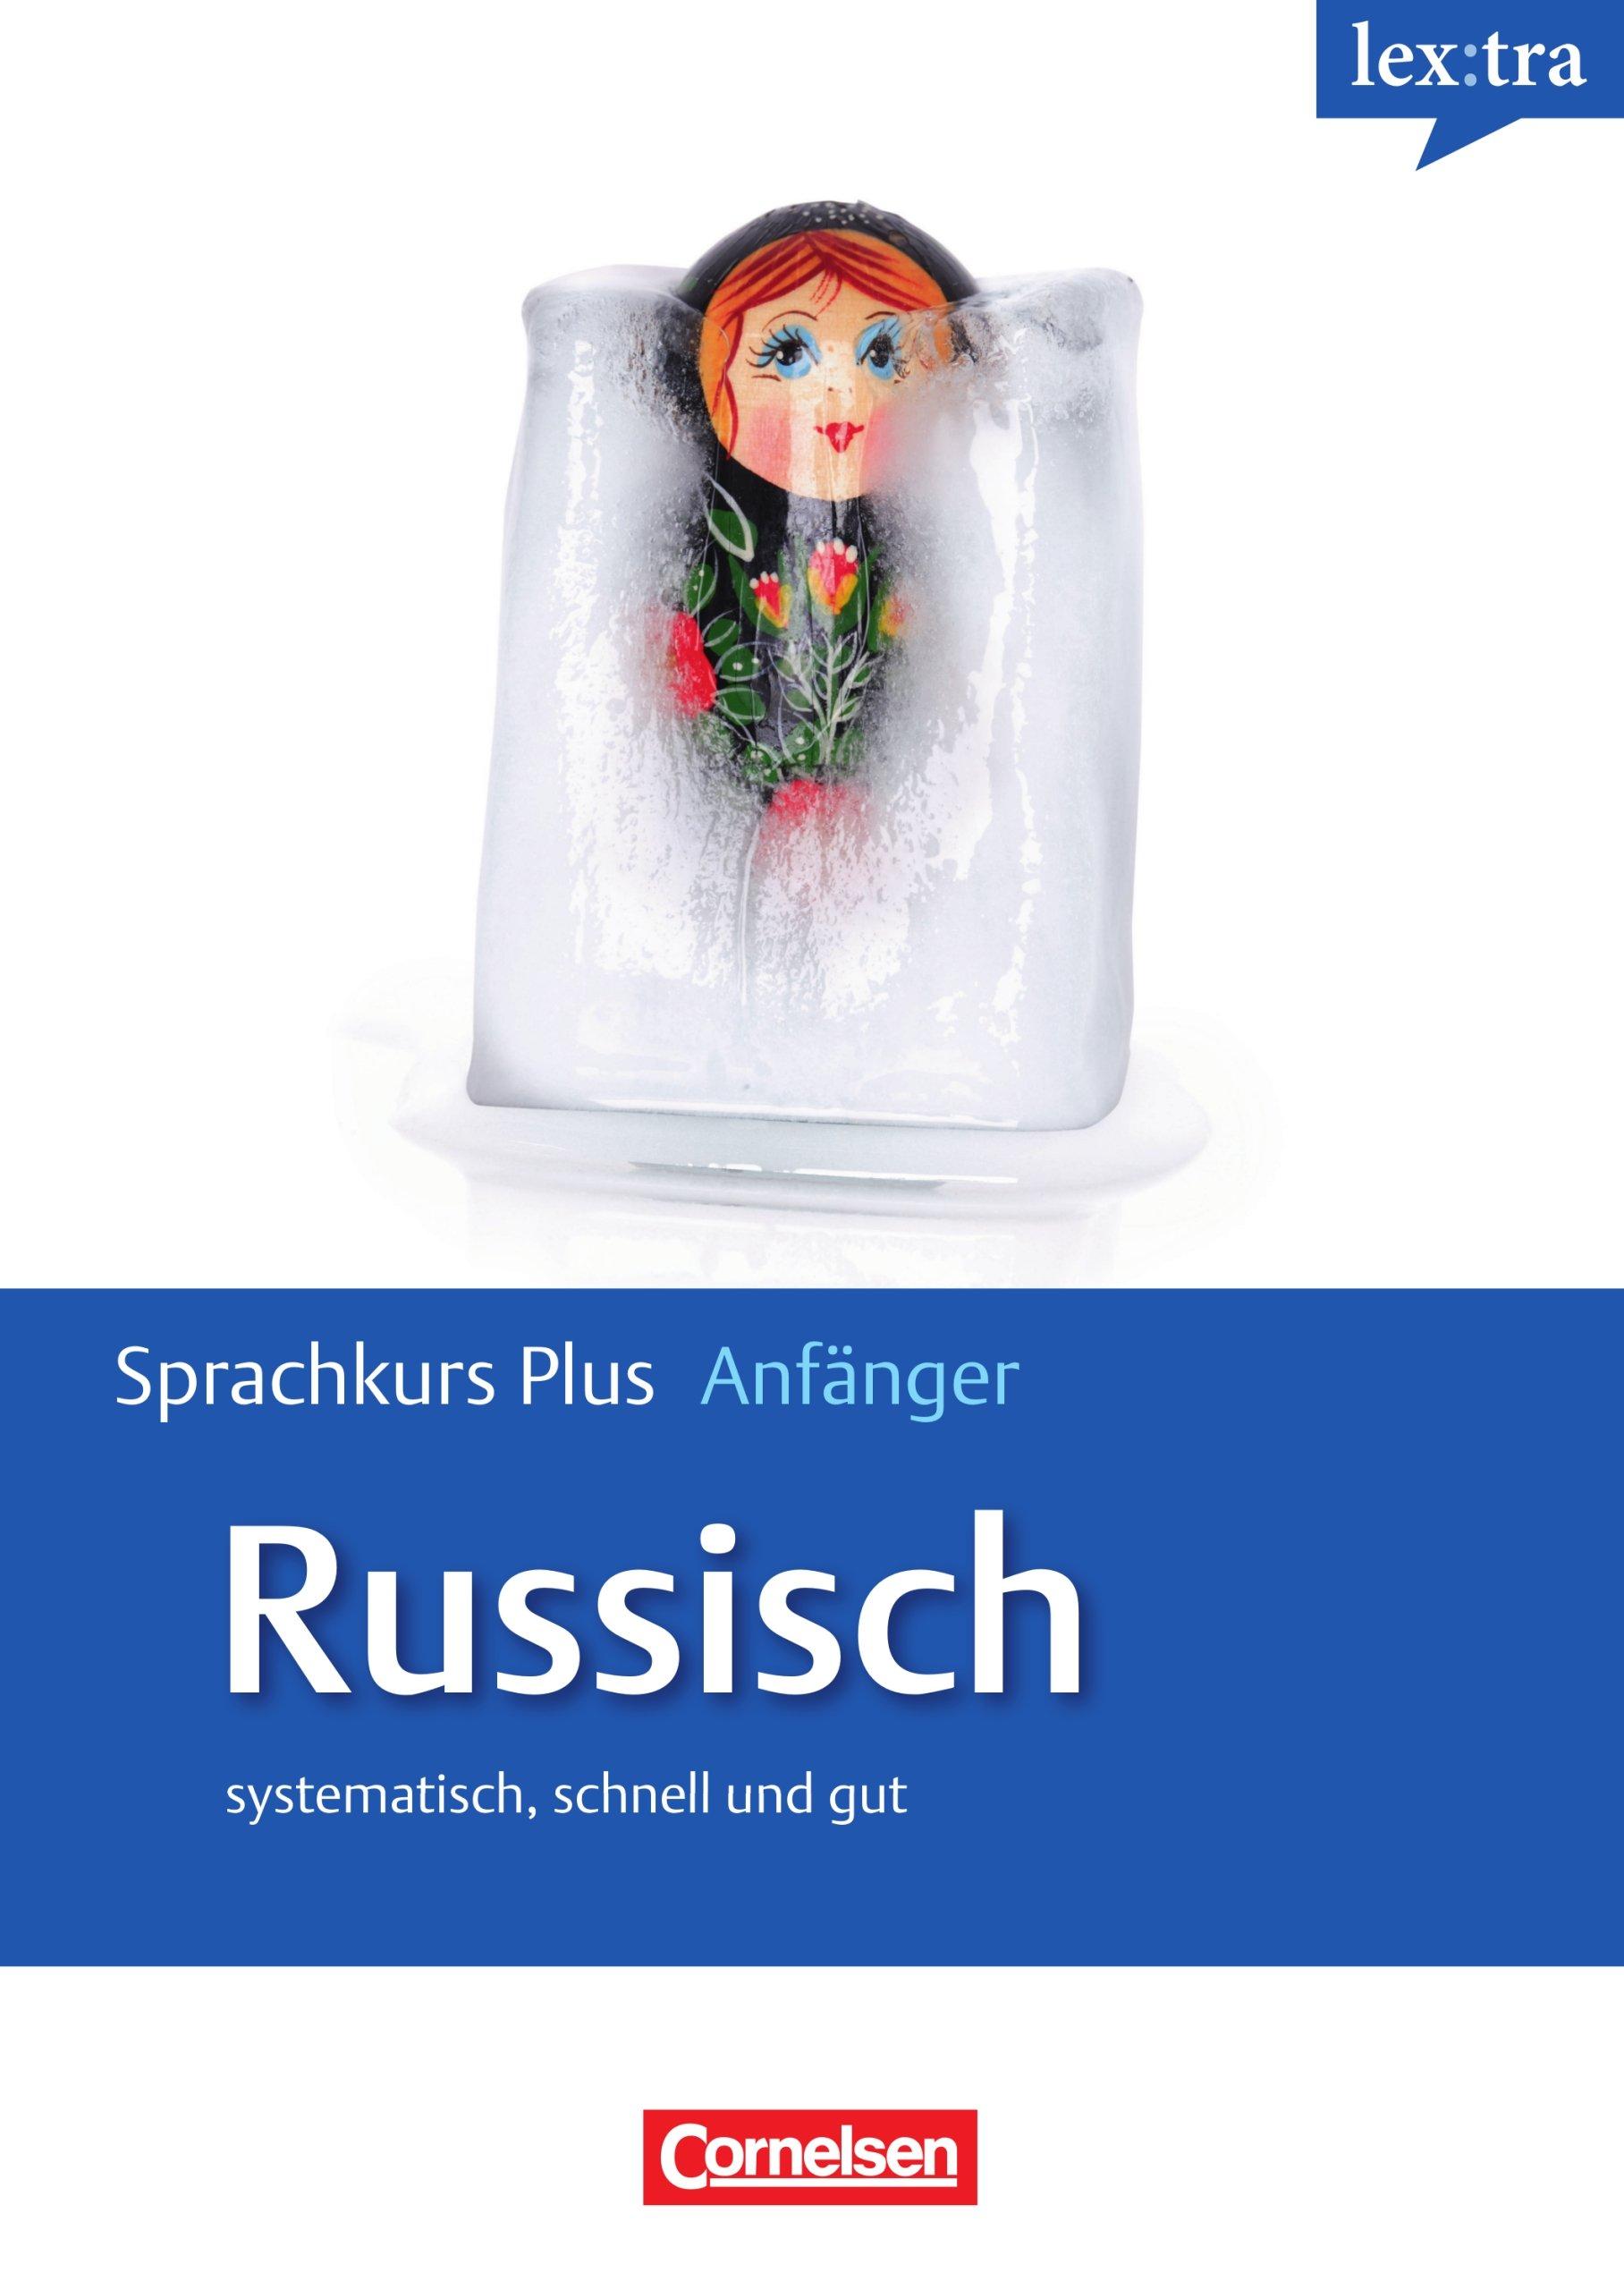 Lextra - Russisch - Sprachkurs Plus: Anfänger: A1-A2 - Selbstlernbuch mit CDs und kostenlosem MP3-Download